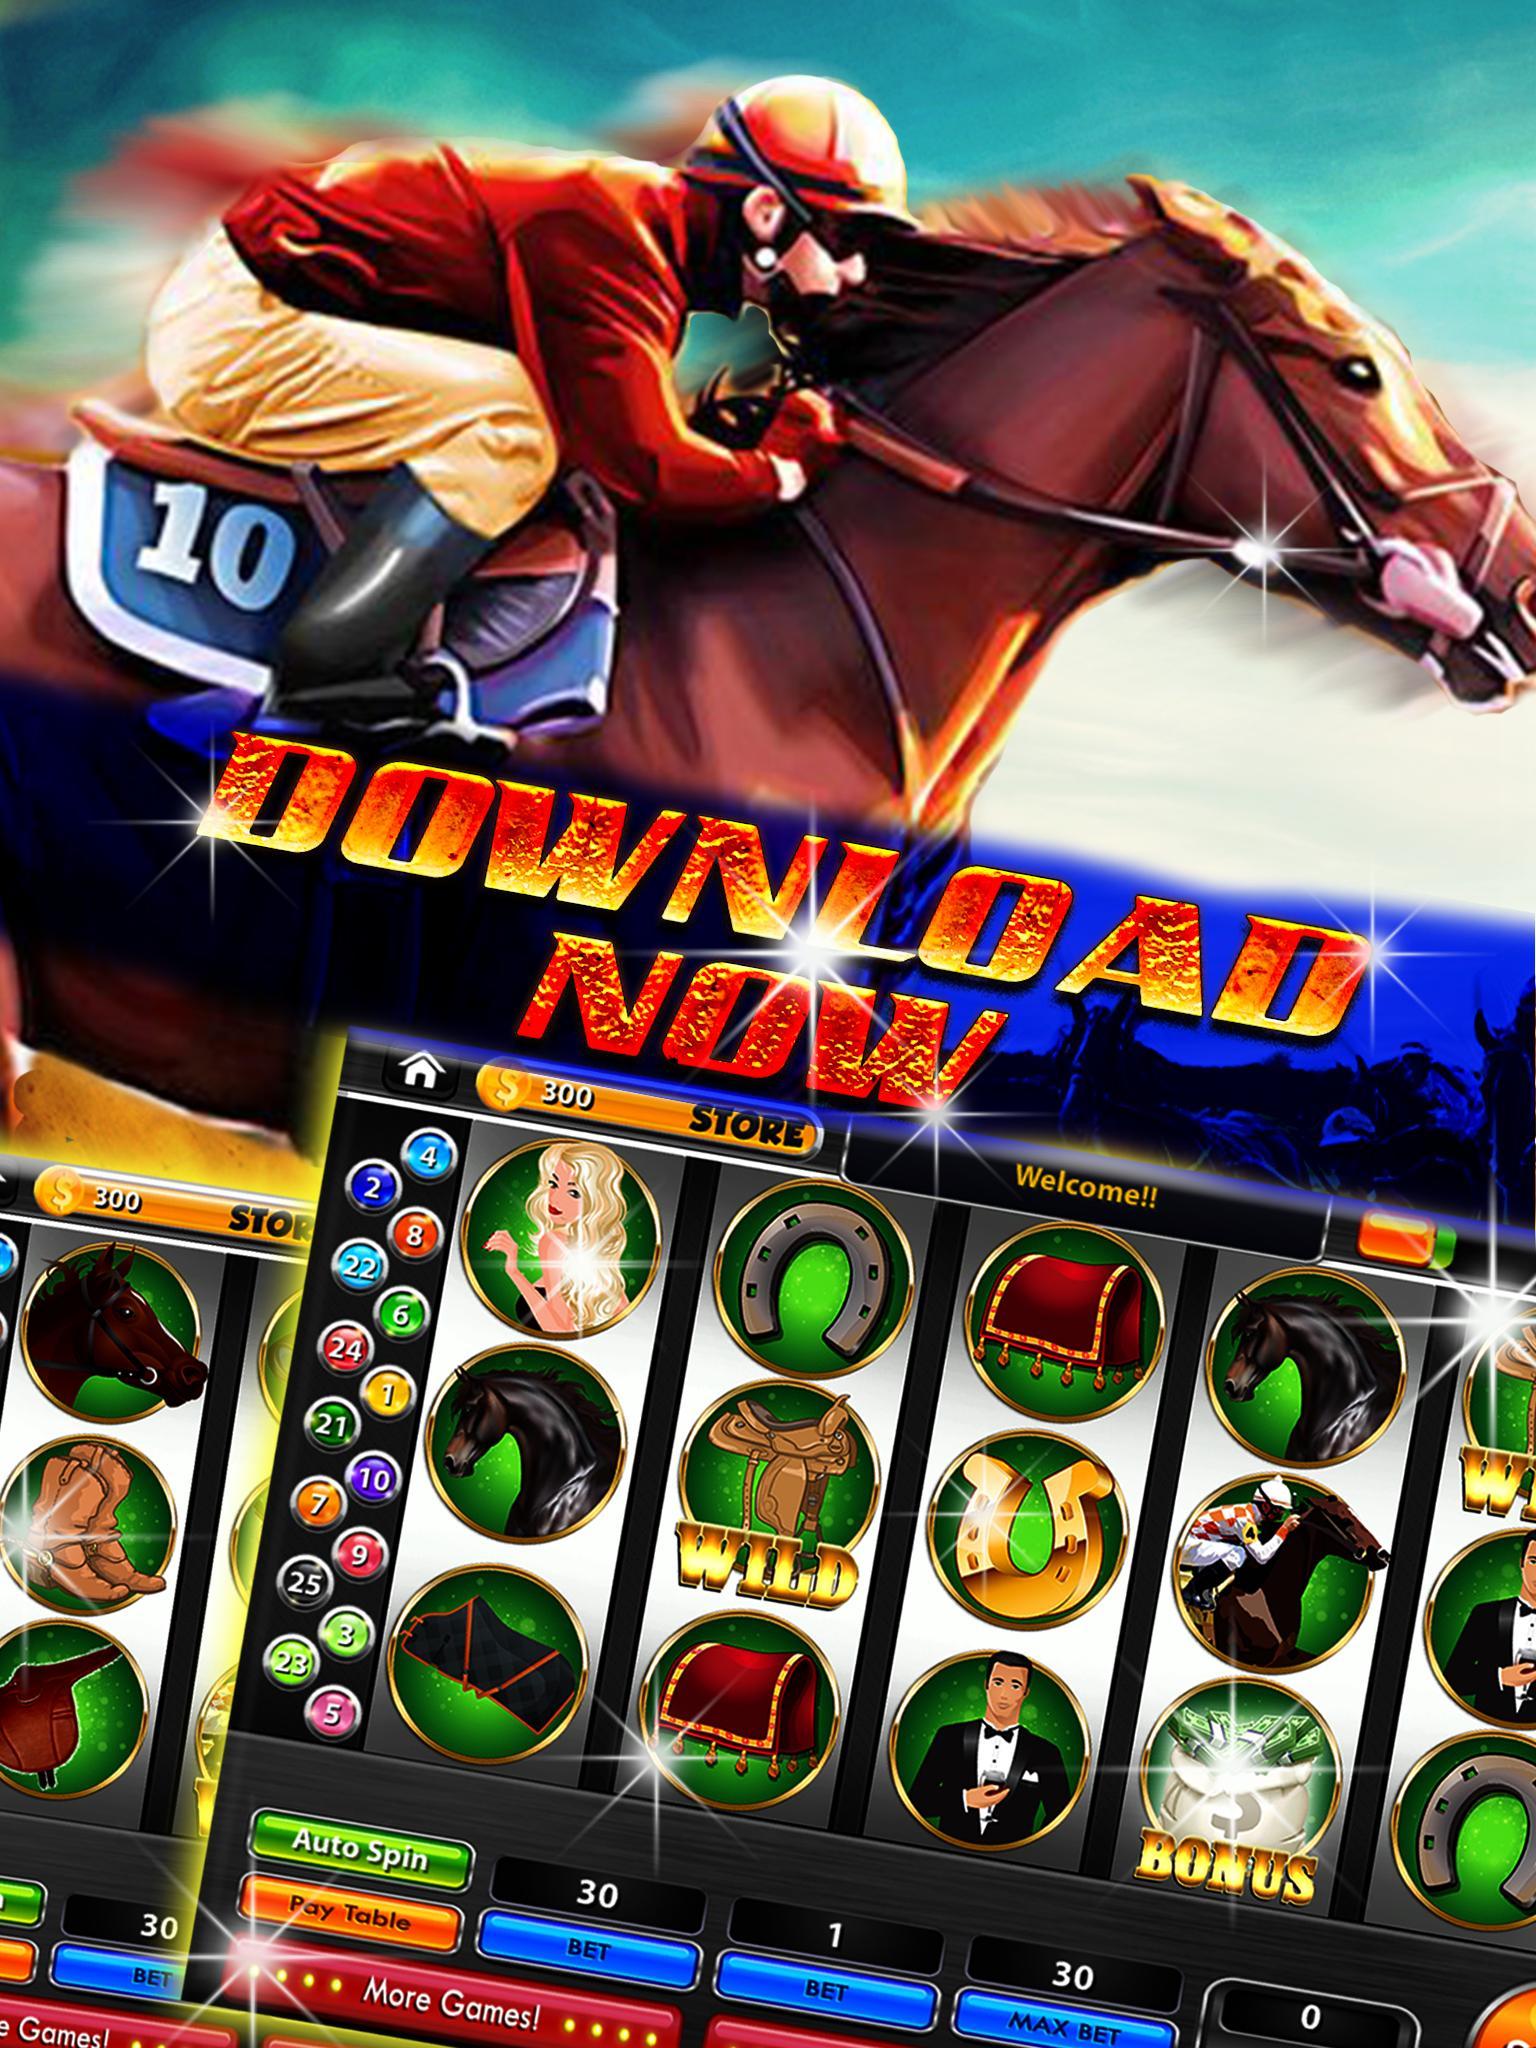 Игровые автоматы с жокеем казино онлайн 21 очко